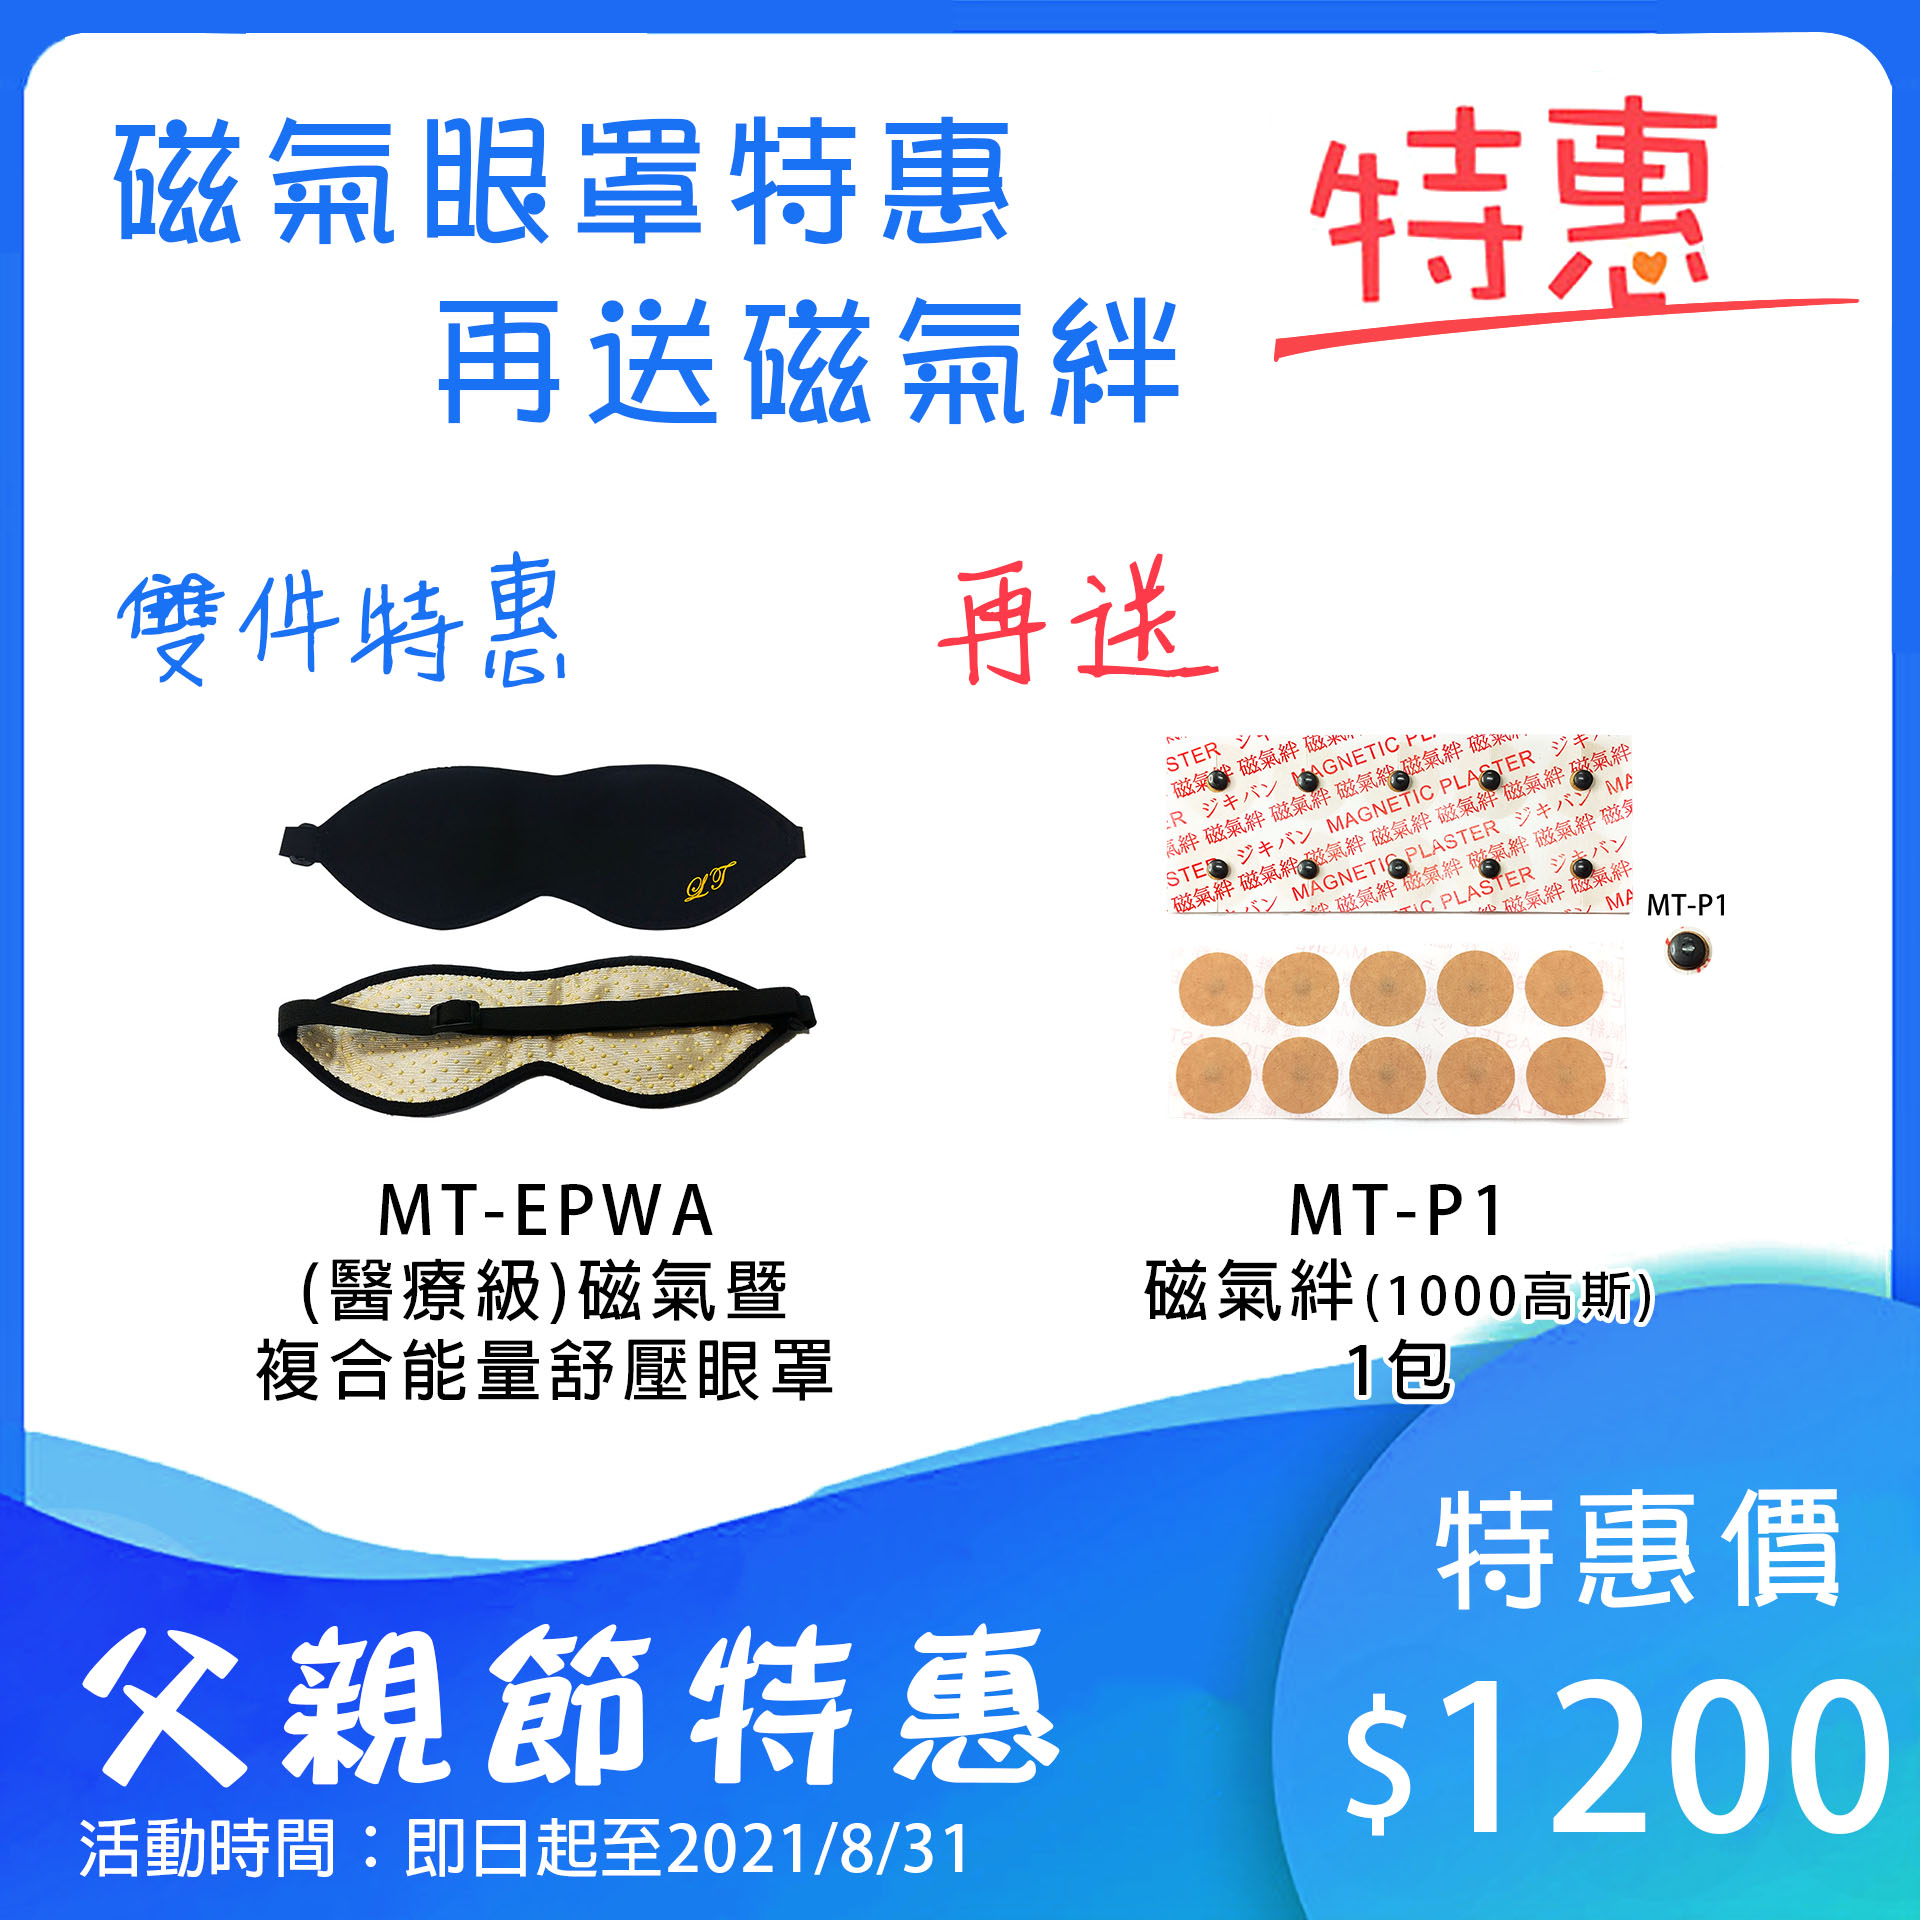 2021父親節特惠-單獨優惠圖片-組合2:磁氣眼罩雙件特惠再送磁氣絆MT-P1